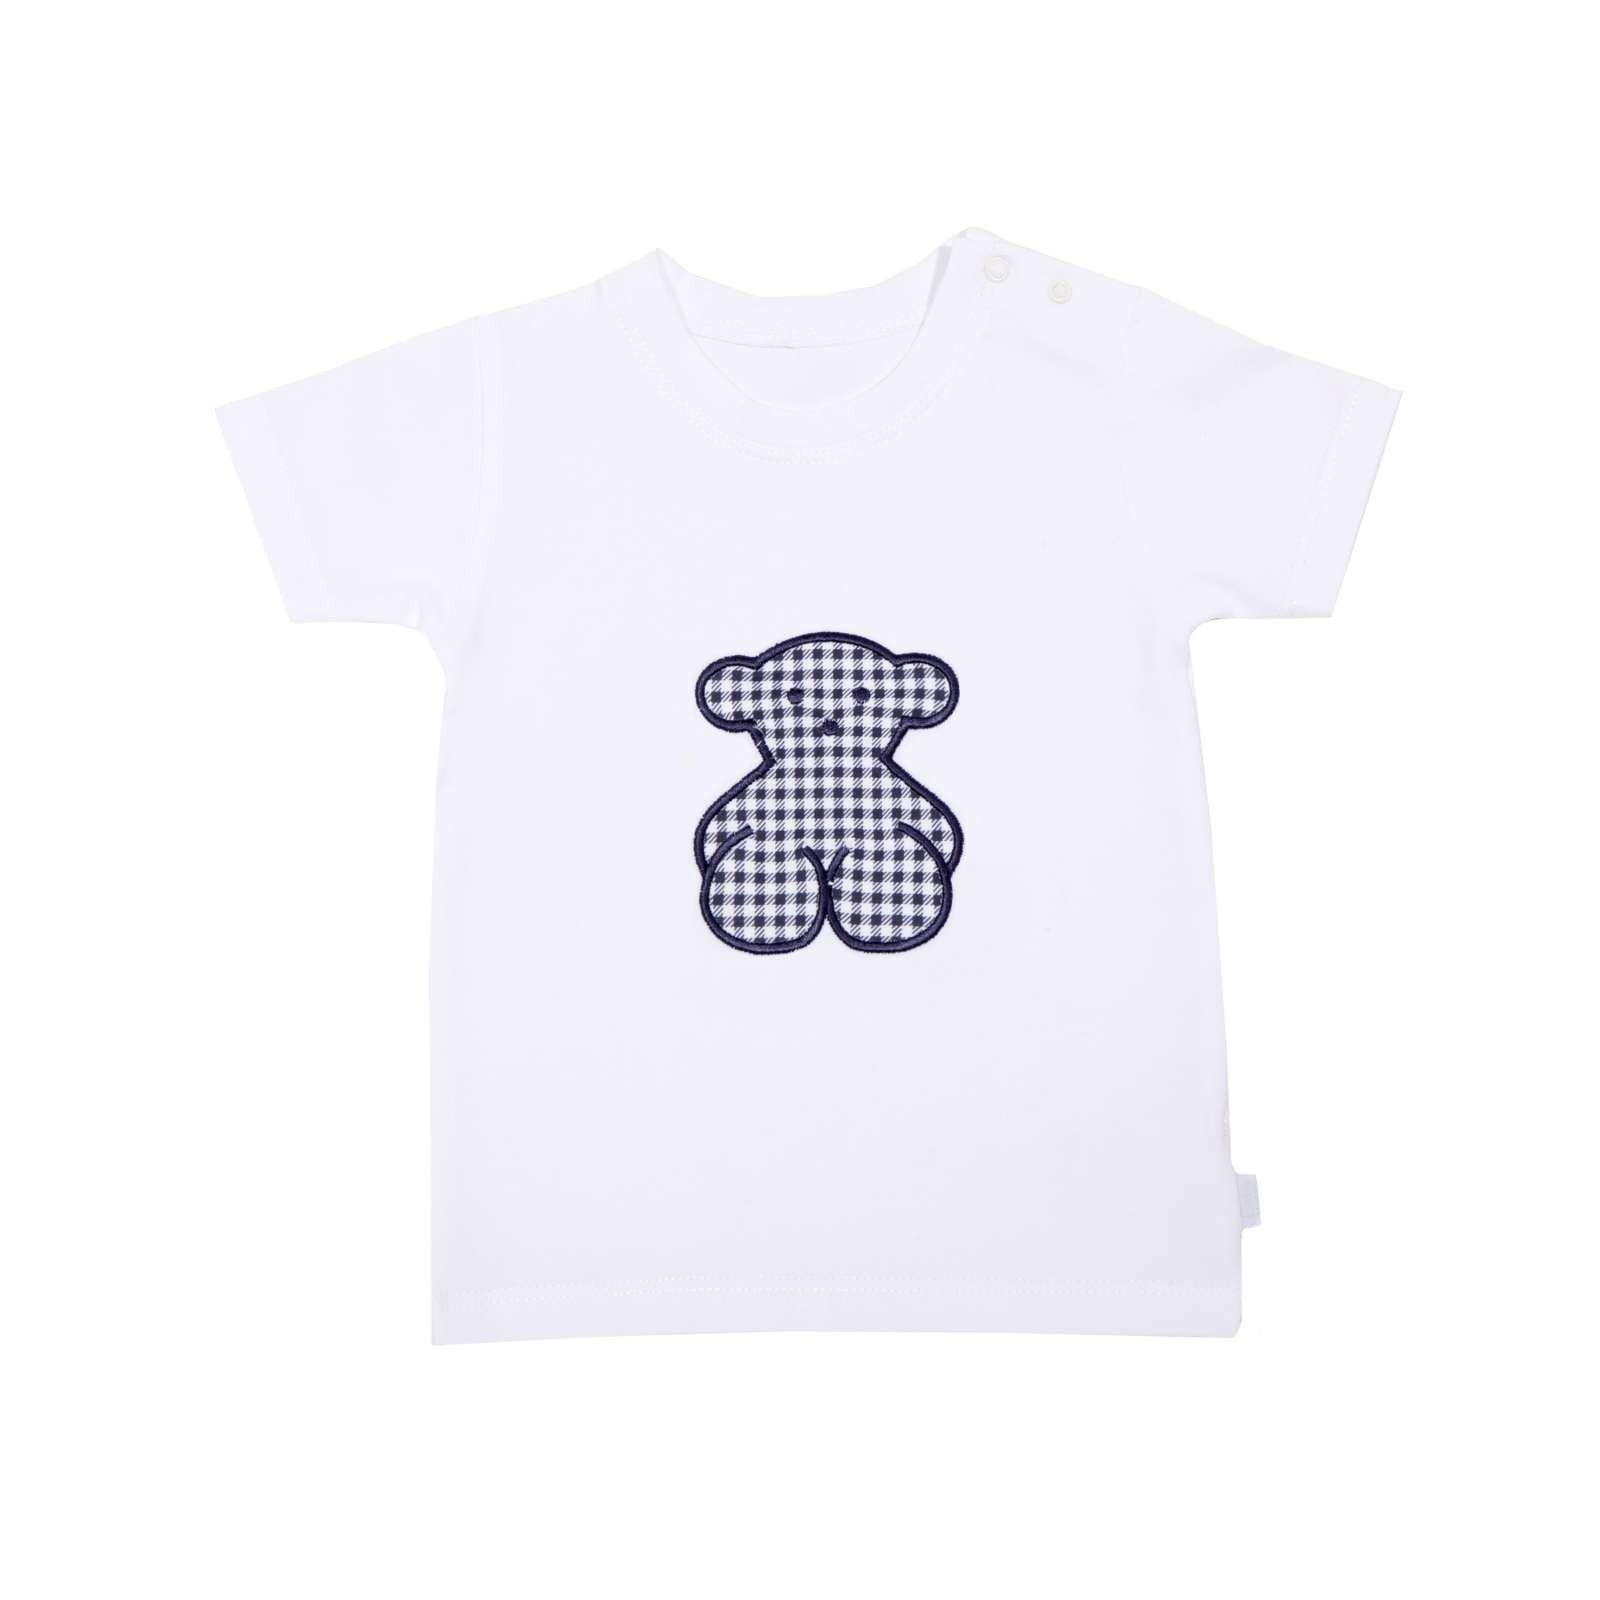 Camiseta de algodón de la colección Sailor de Baby Tous, de corte recto, cuello redondo y manga corta. Aplicación de oso bordado en color azul marino con cuadritos vichy en la parte central. Apertura en el hombro con botones de presión. Fabricado en 100% algodón. Plazo de entrega: 24-48 horas.